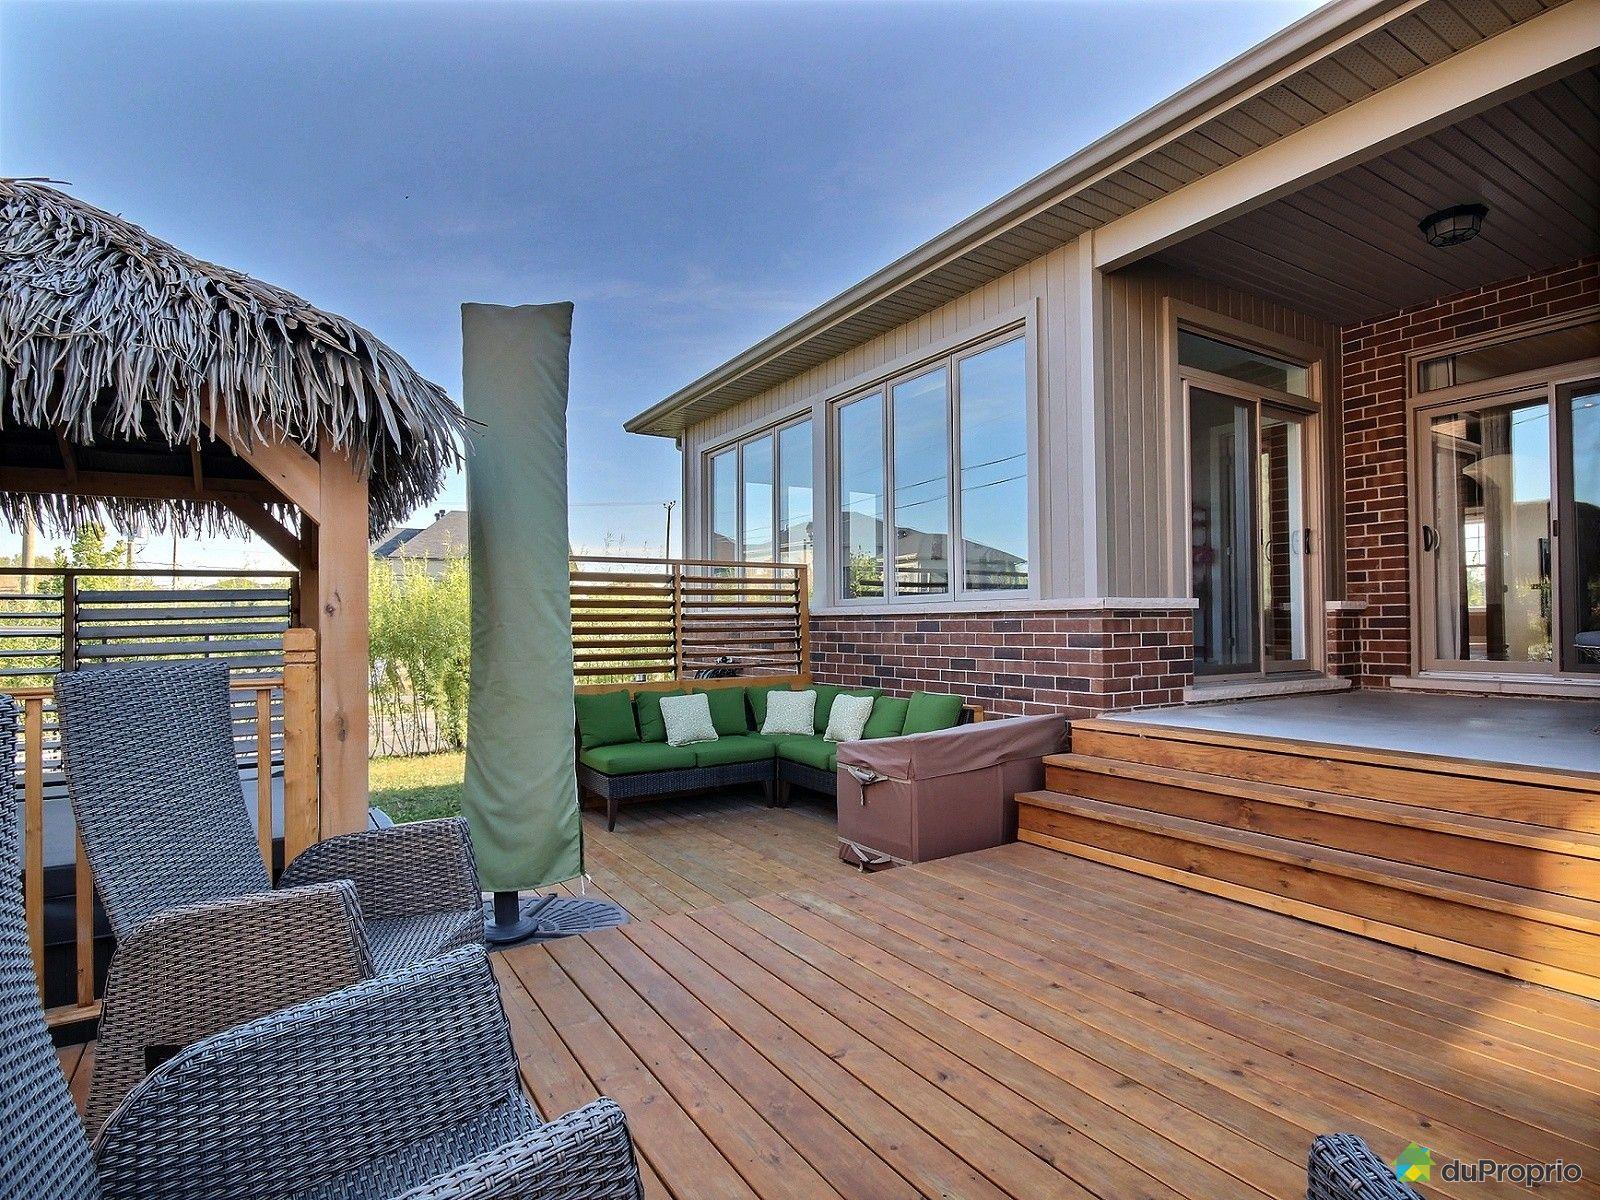 4001 rue des bolets st bruno de montarville vendre duproprio. Black Bedroom Furniture Sets. Home Design Ideas